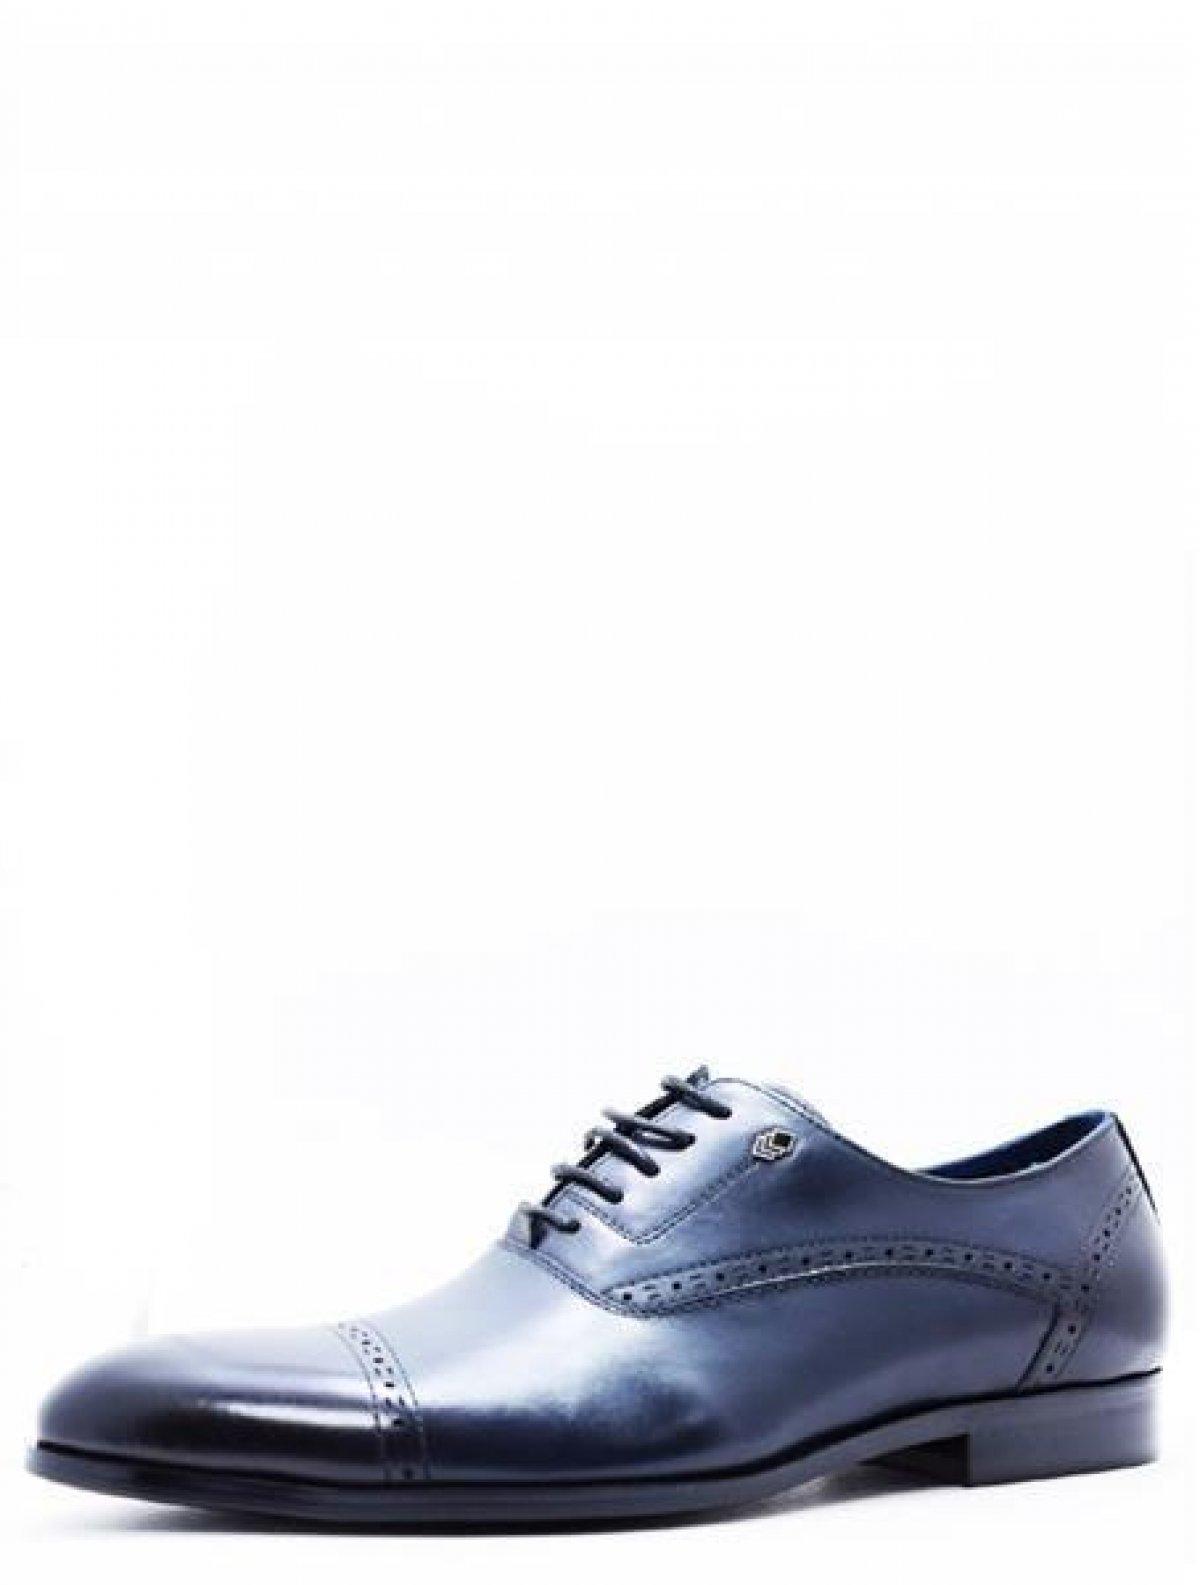 Respect SS83-100876 туфли мужские